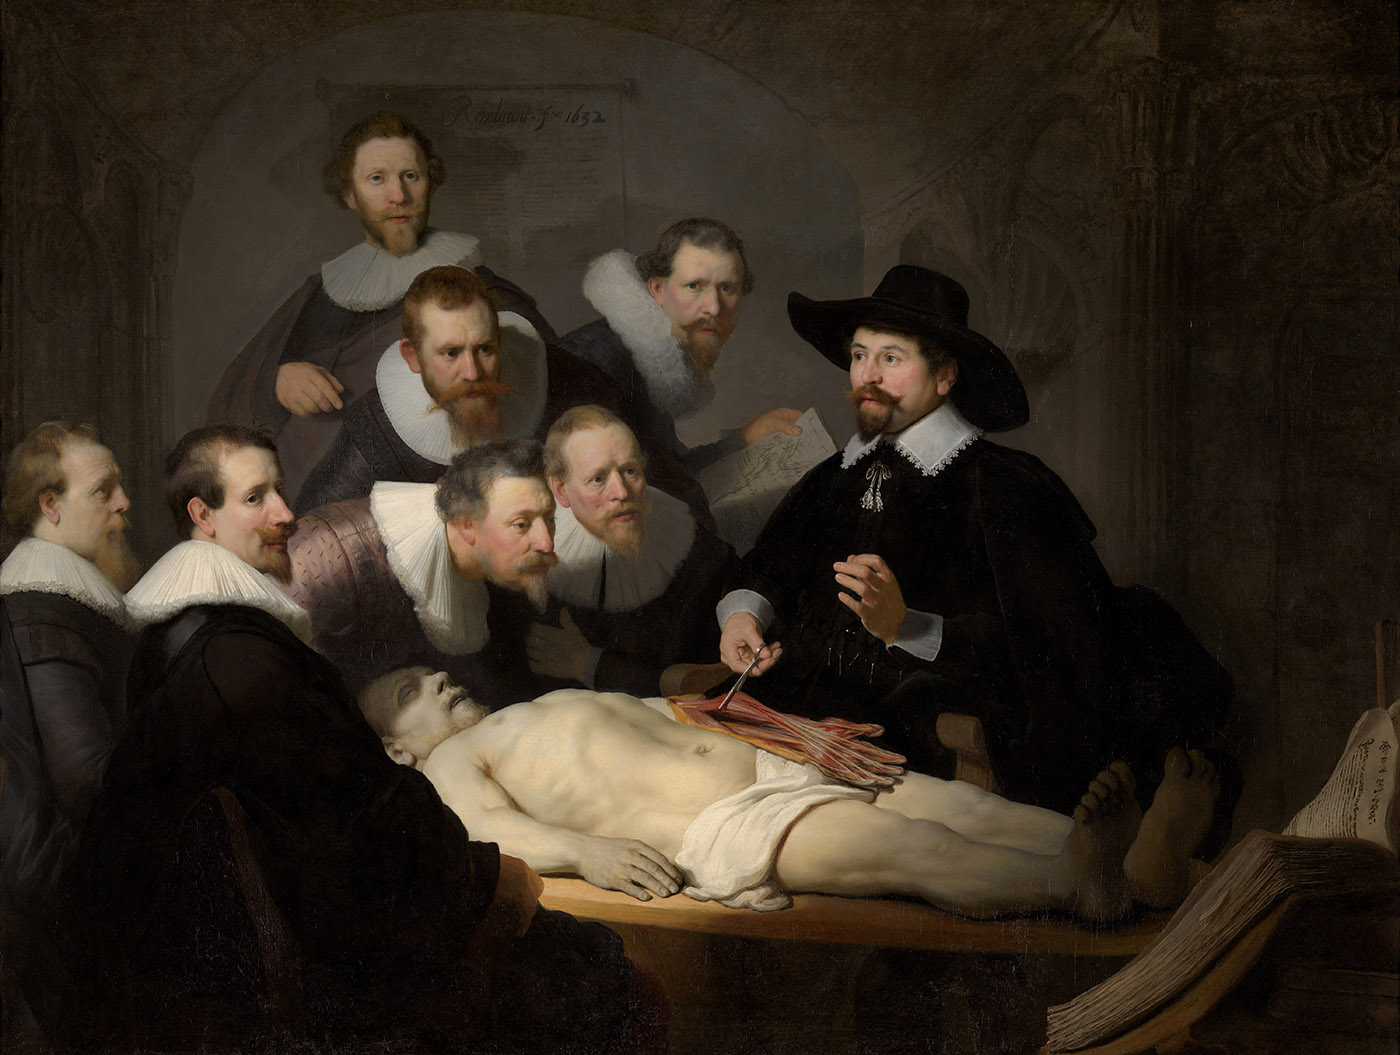 Rembrandt, La leçon d'anatomie du docteur Tulp, 1632